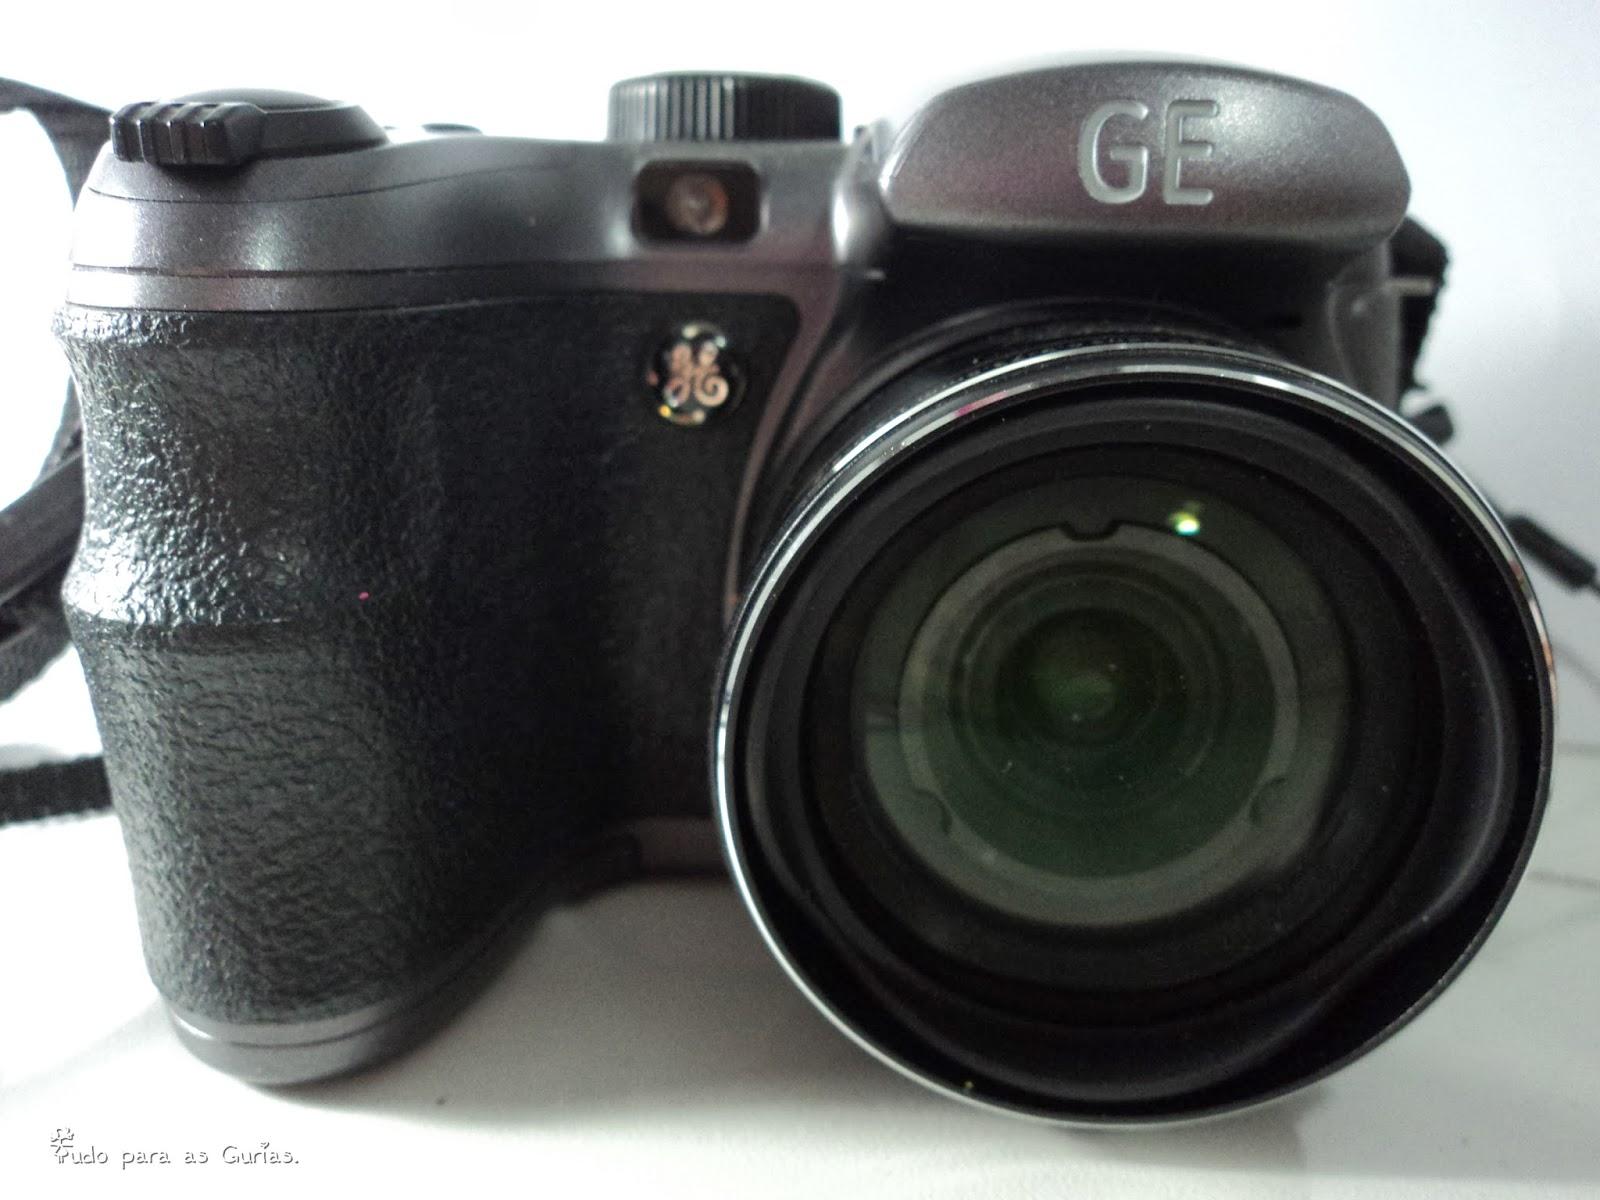 Comprinhas de Outubro de 2013; câmera da GE